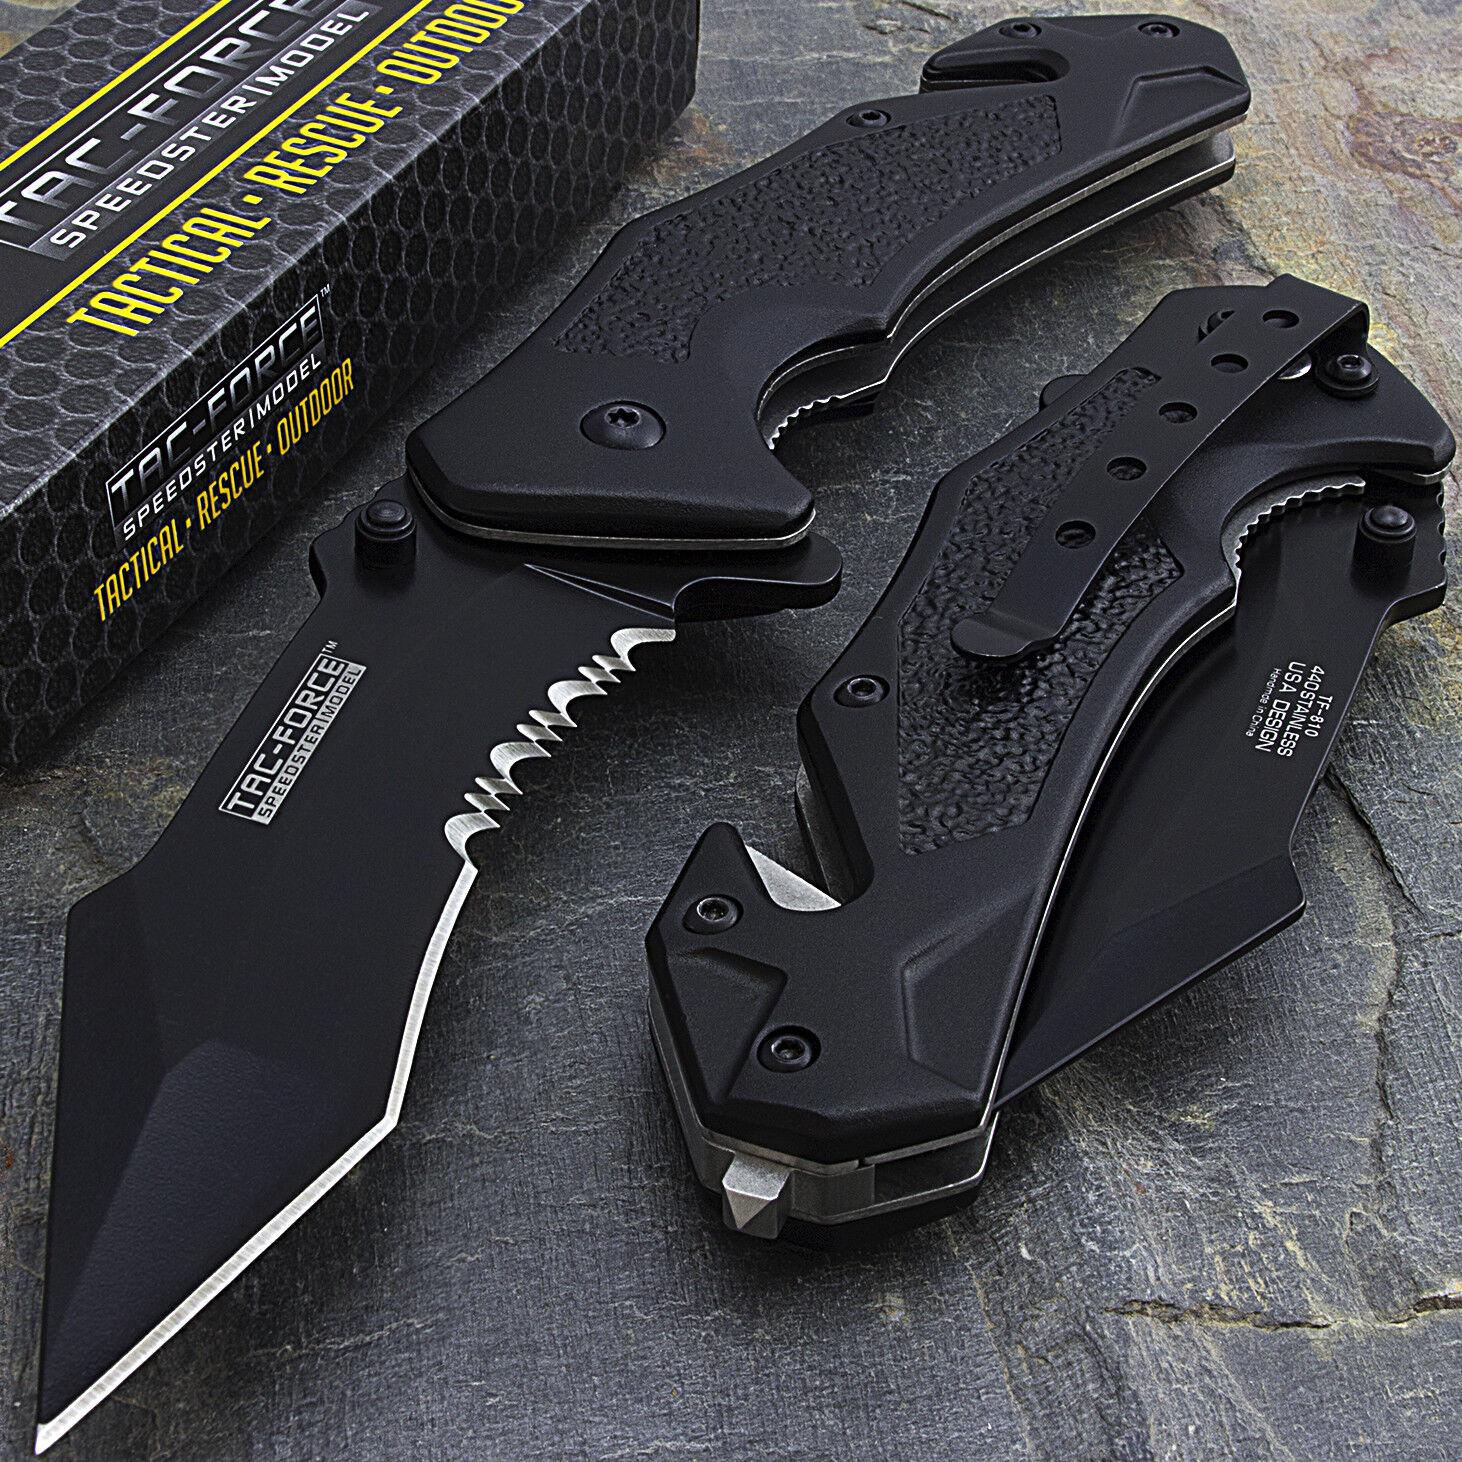 Купить Tac-Force - 8.25 TAC FORCE SPRING ASSISTED TACTICAL FOLDING POCKET KNIFE Blade Open Assist